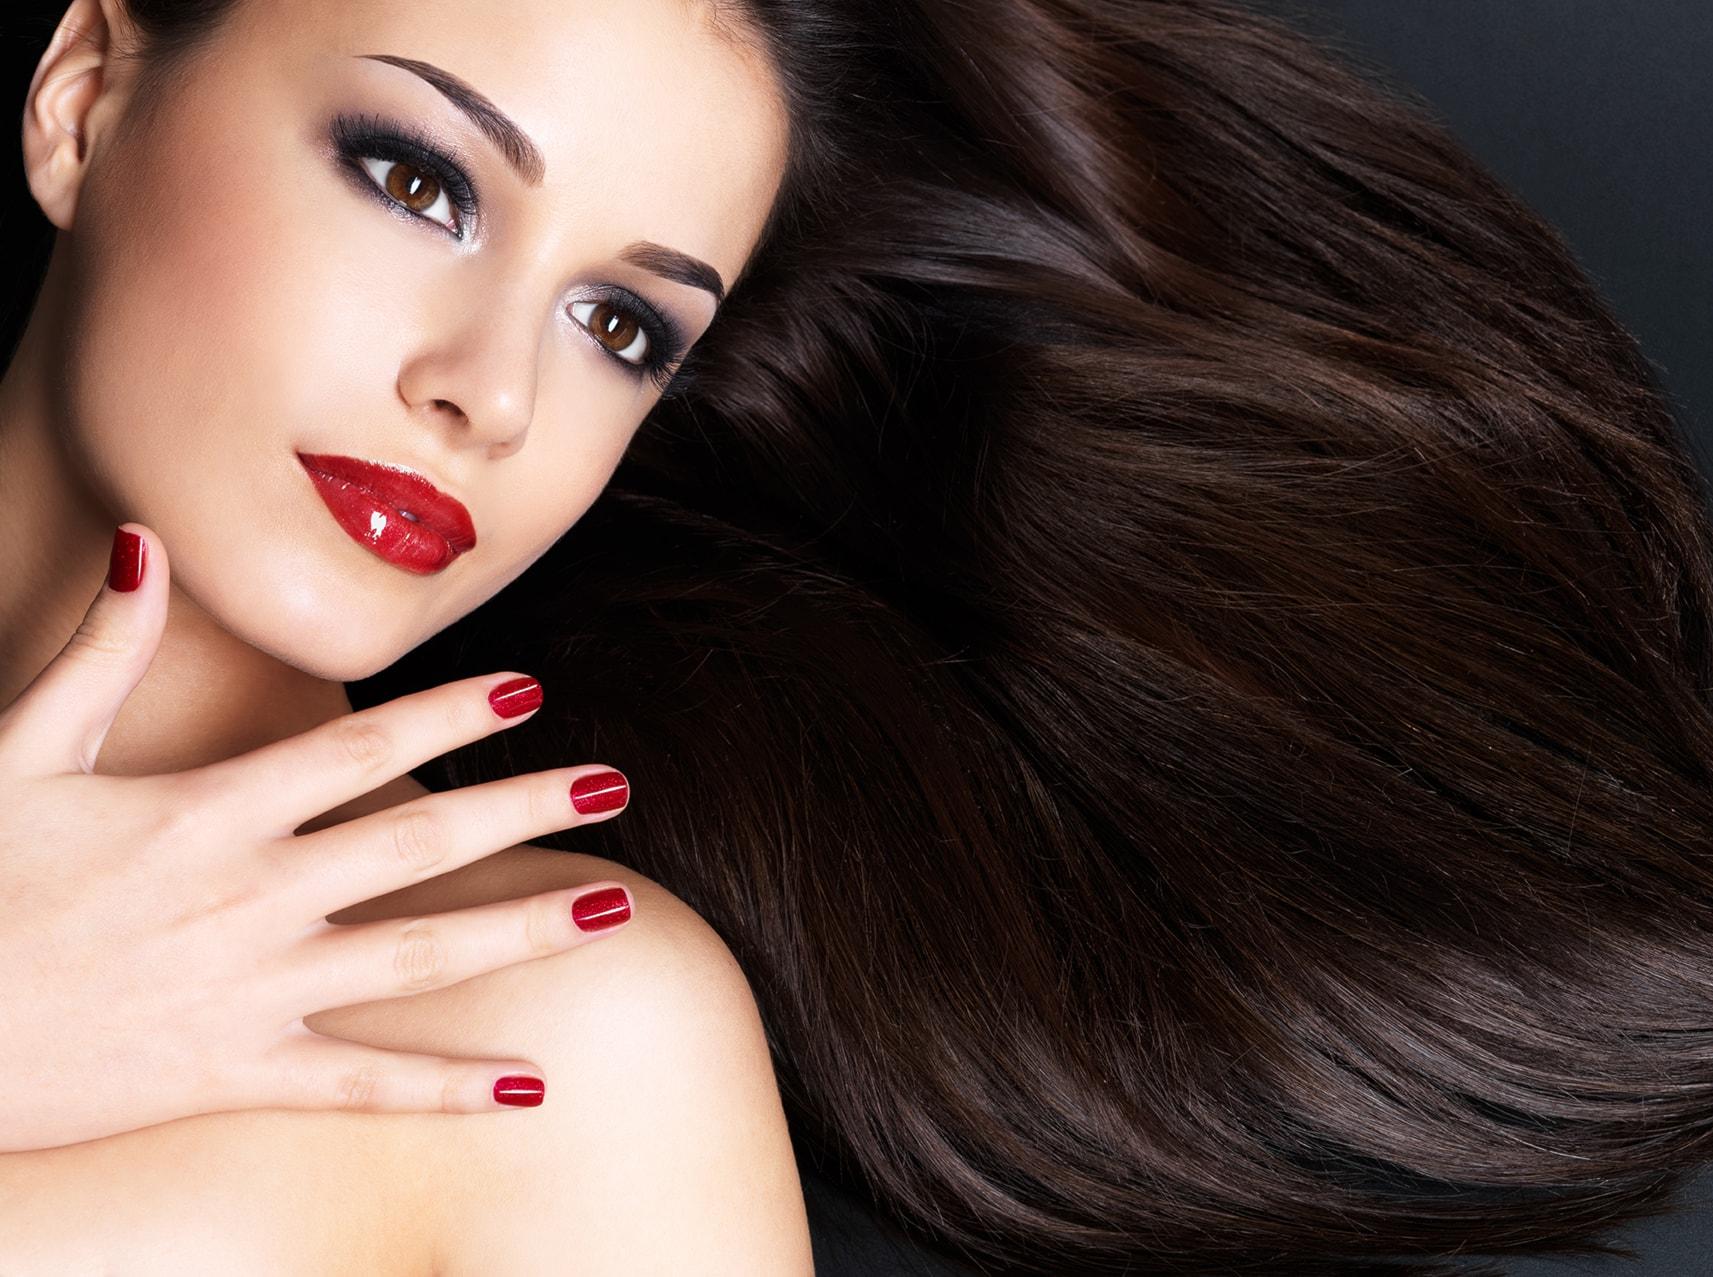 In quali vitamine aggiungere a shampoo per capelli in ampolle